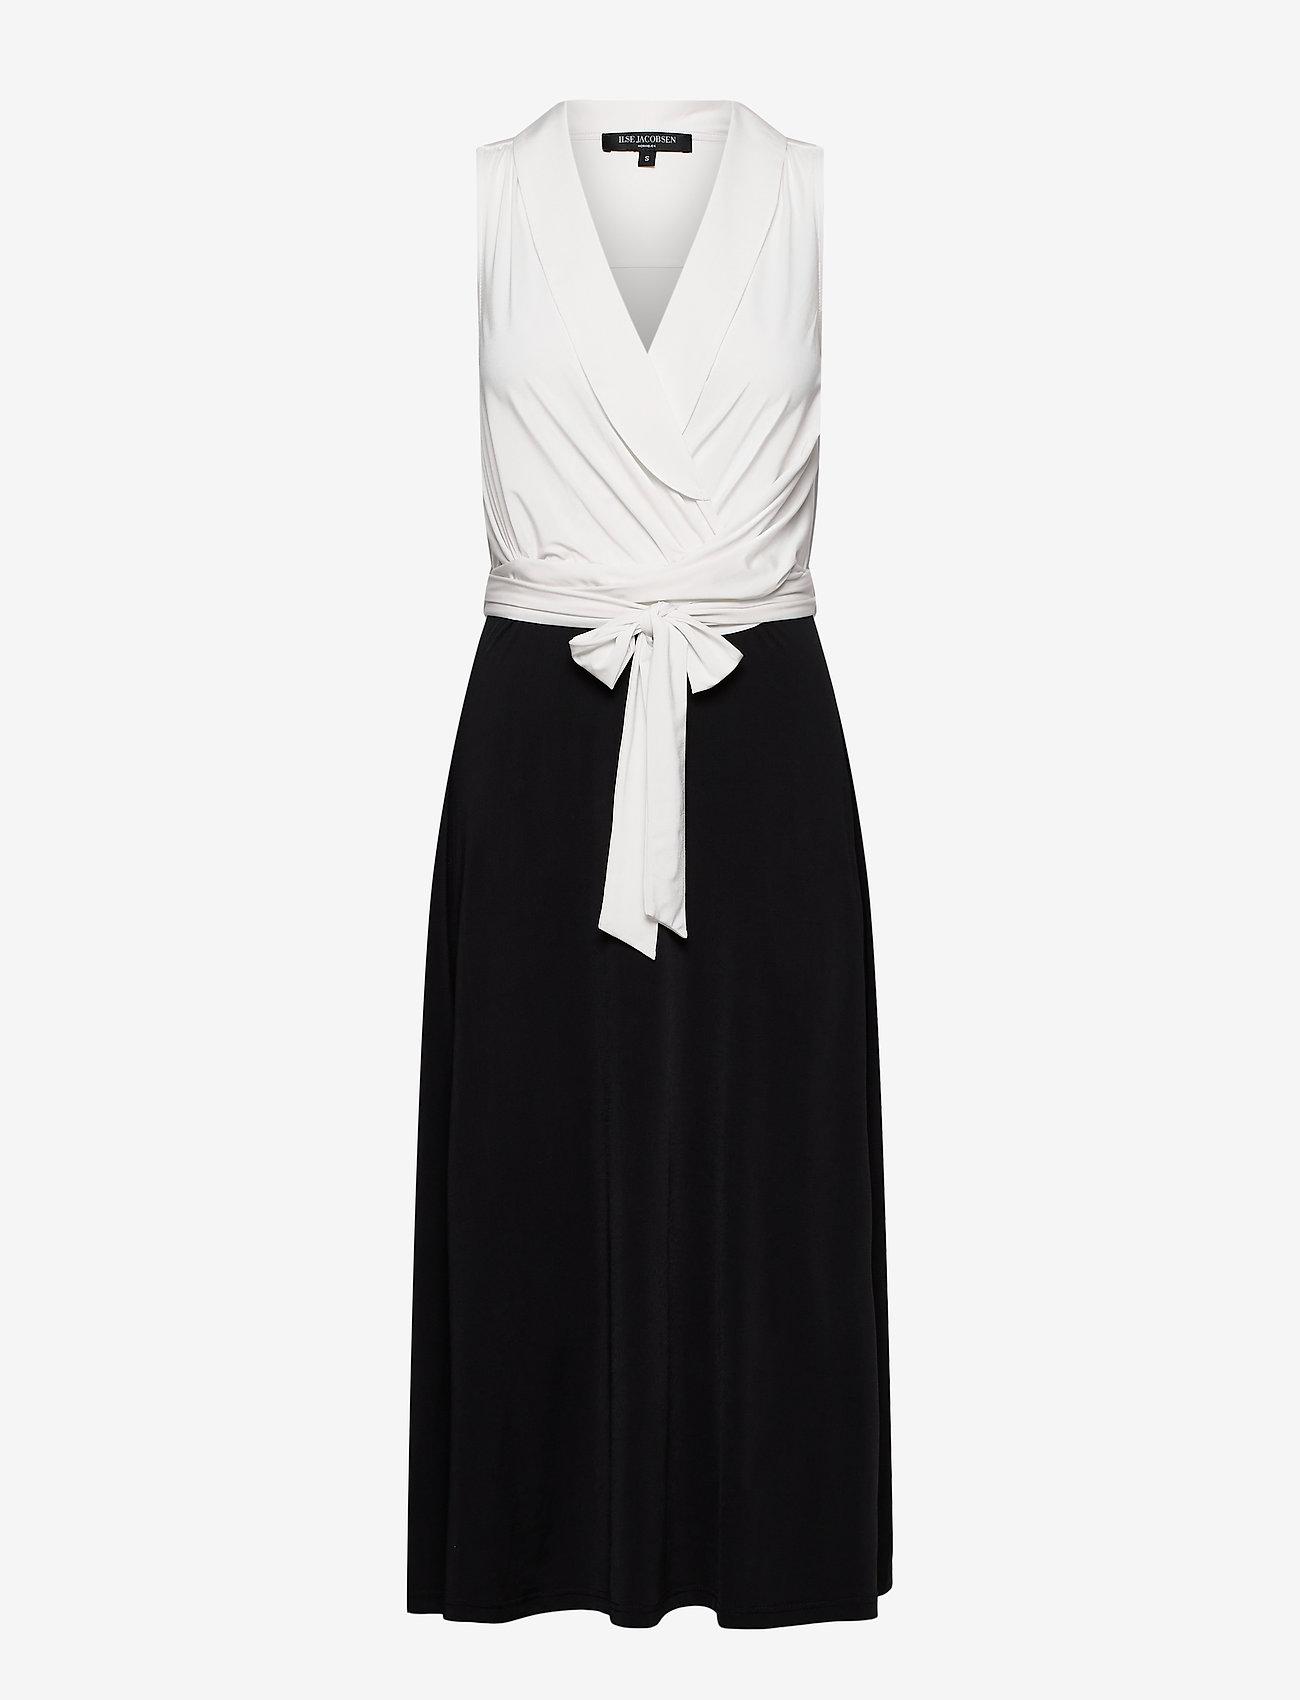 Ilse Jacobsen - Dress - cocktailkjoler - white sugar and black - 0